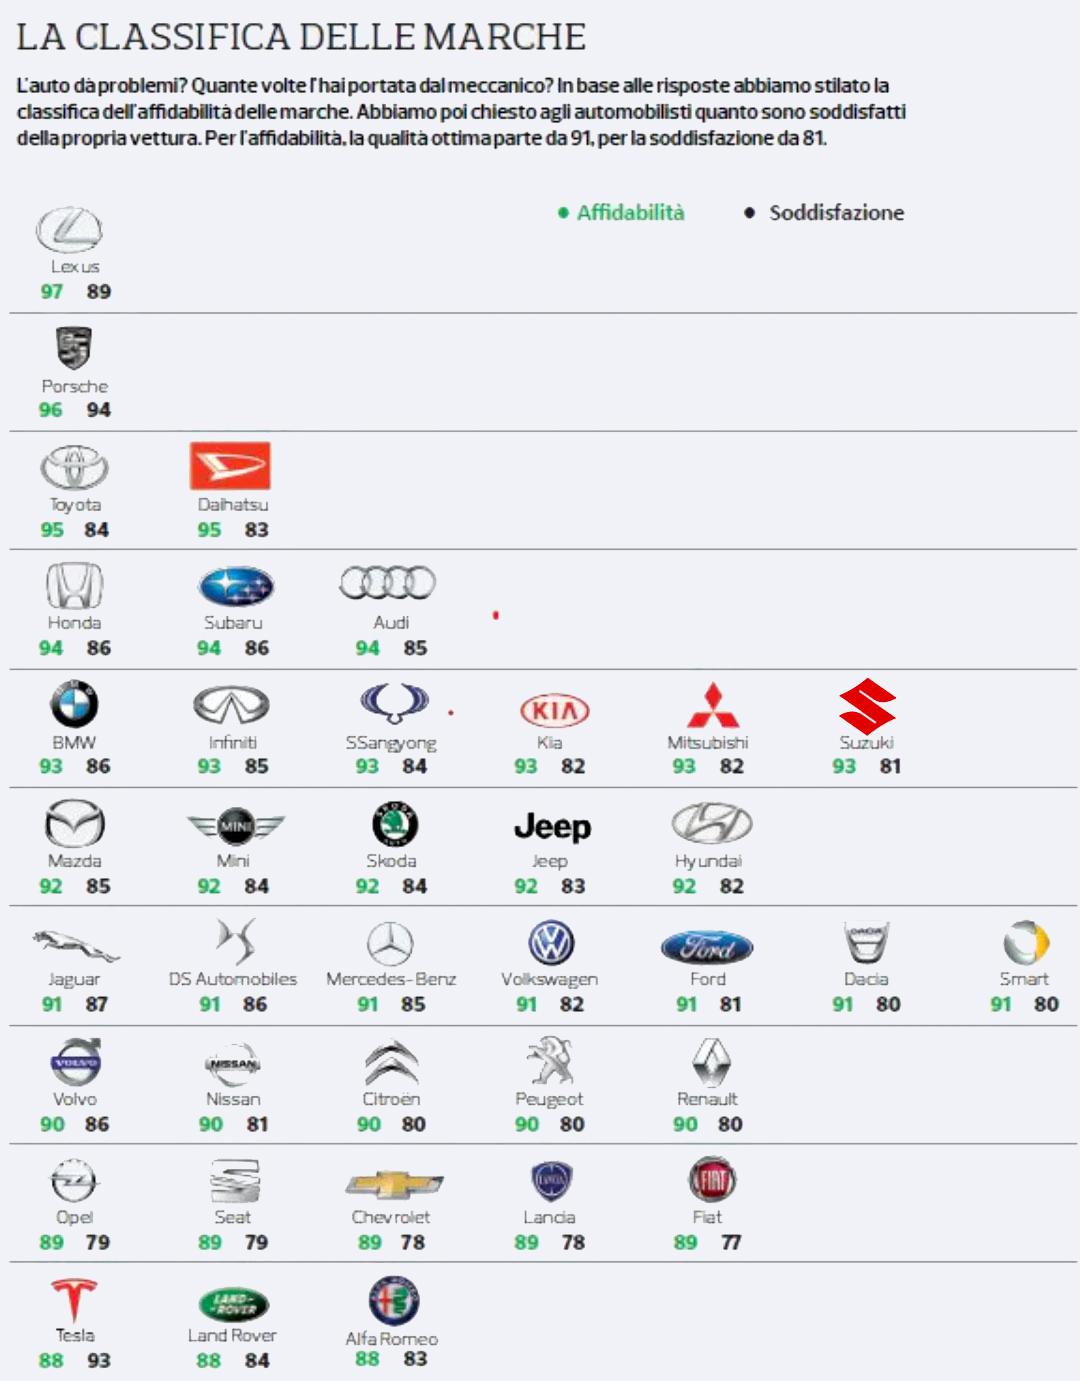 Affidabilita Auto Ecco La Classifica Delle Case Automobilistiche Ultimi Posti Per Fiat Alfa Romeo E Lancia Hardware Upgrade